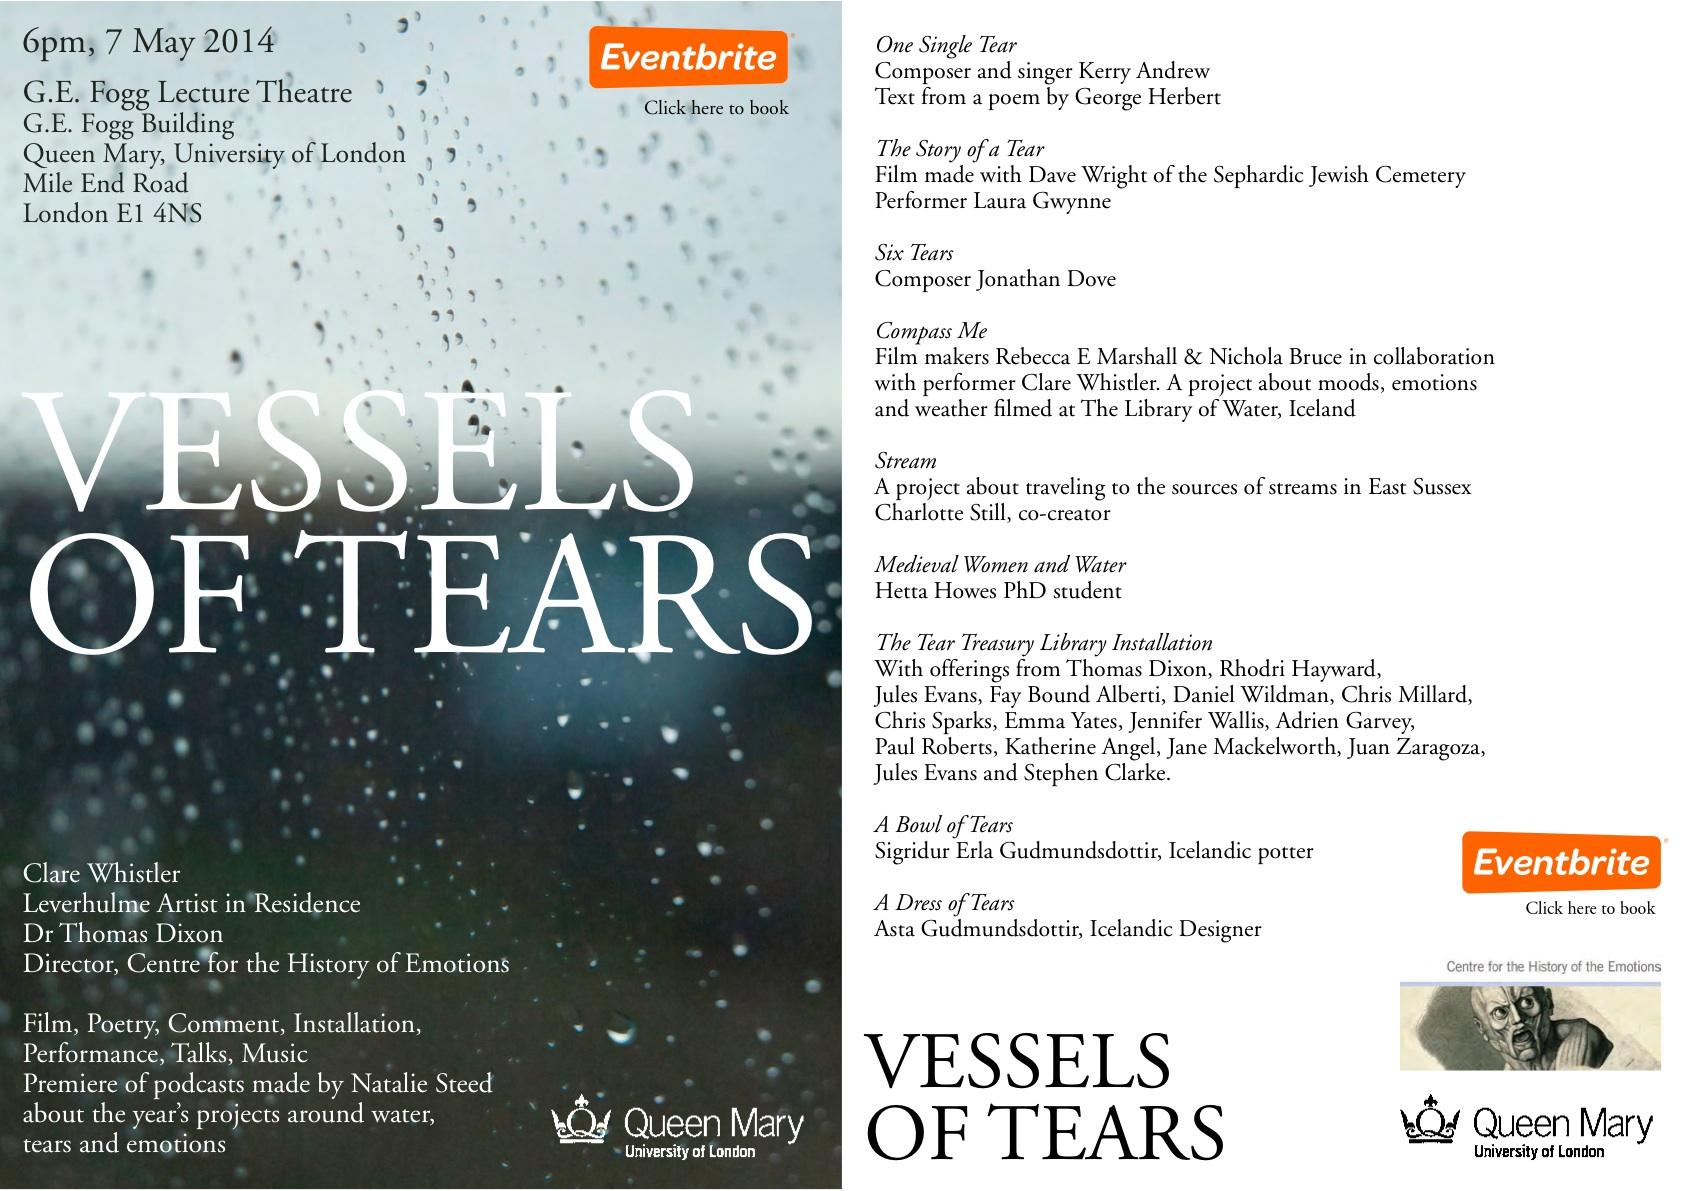 vesselsoftears04